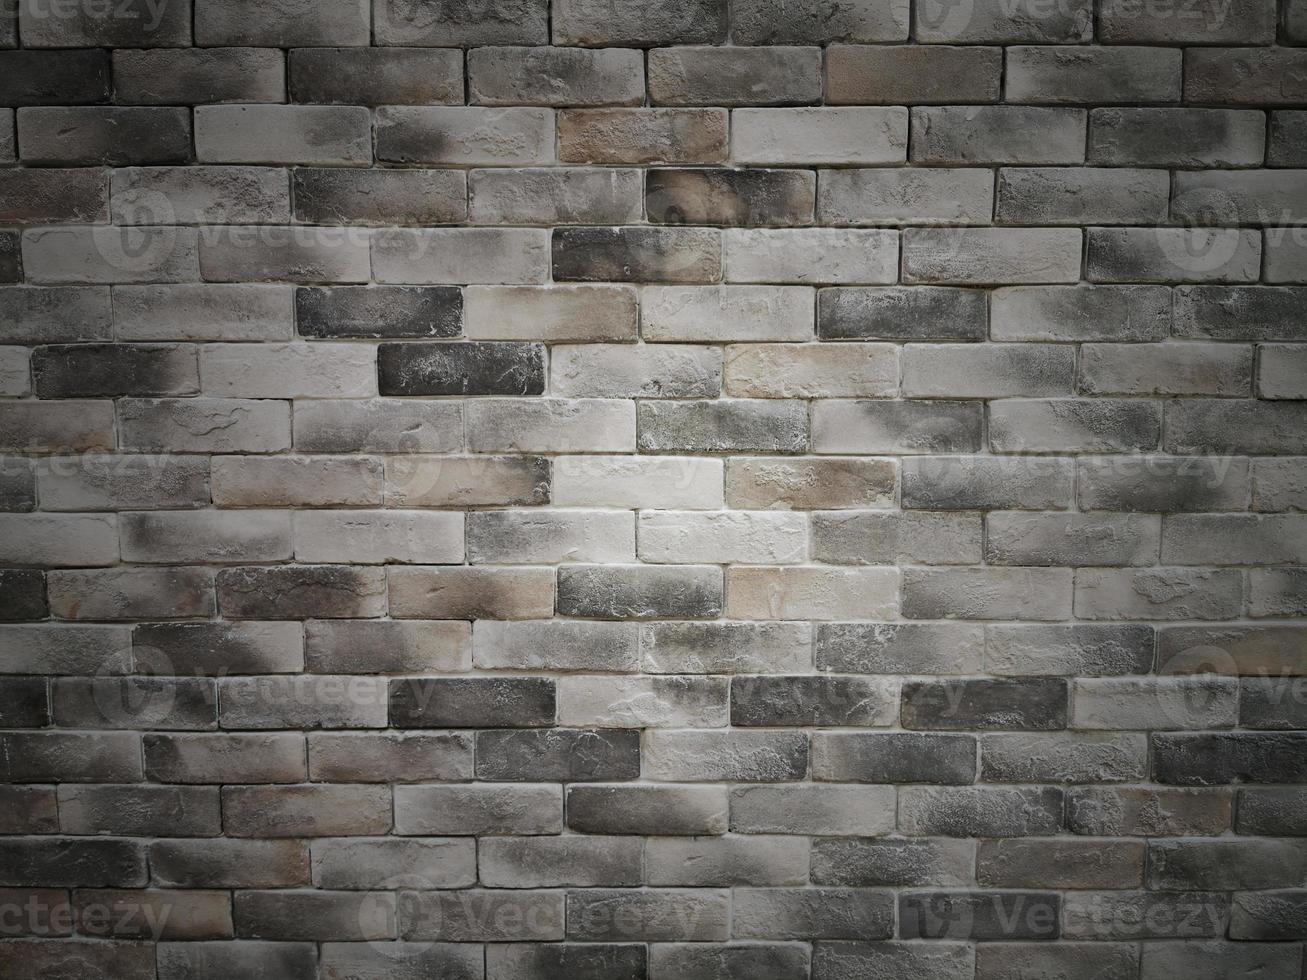 dunkler Backstein Zement Textur Wand Hintergrund foto